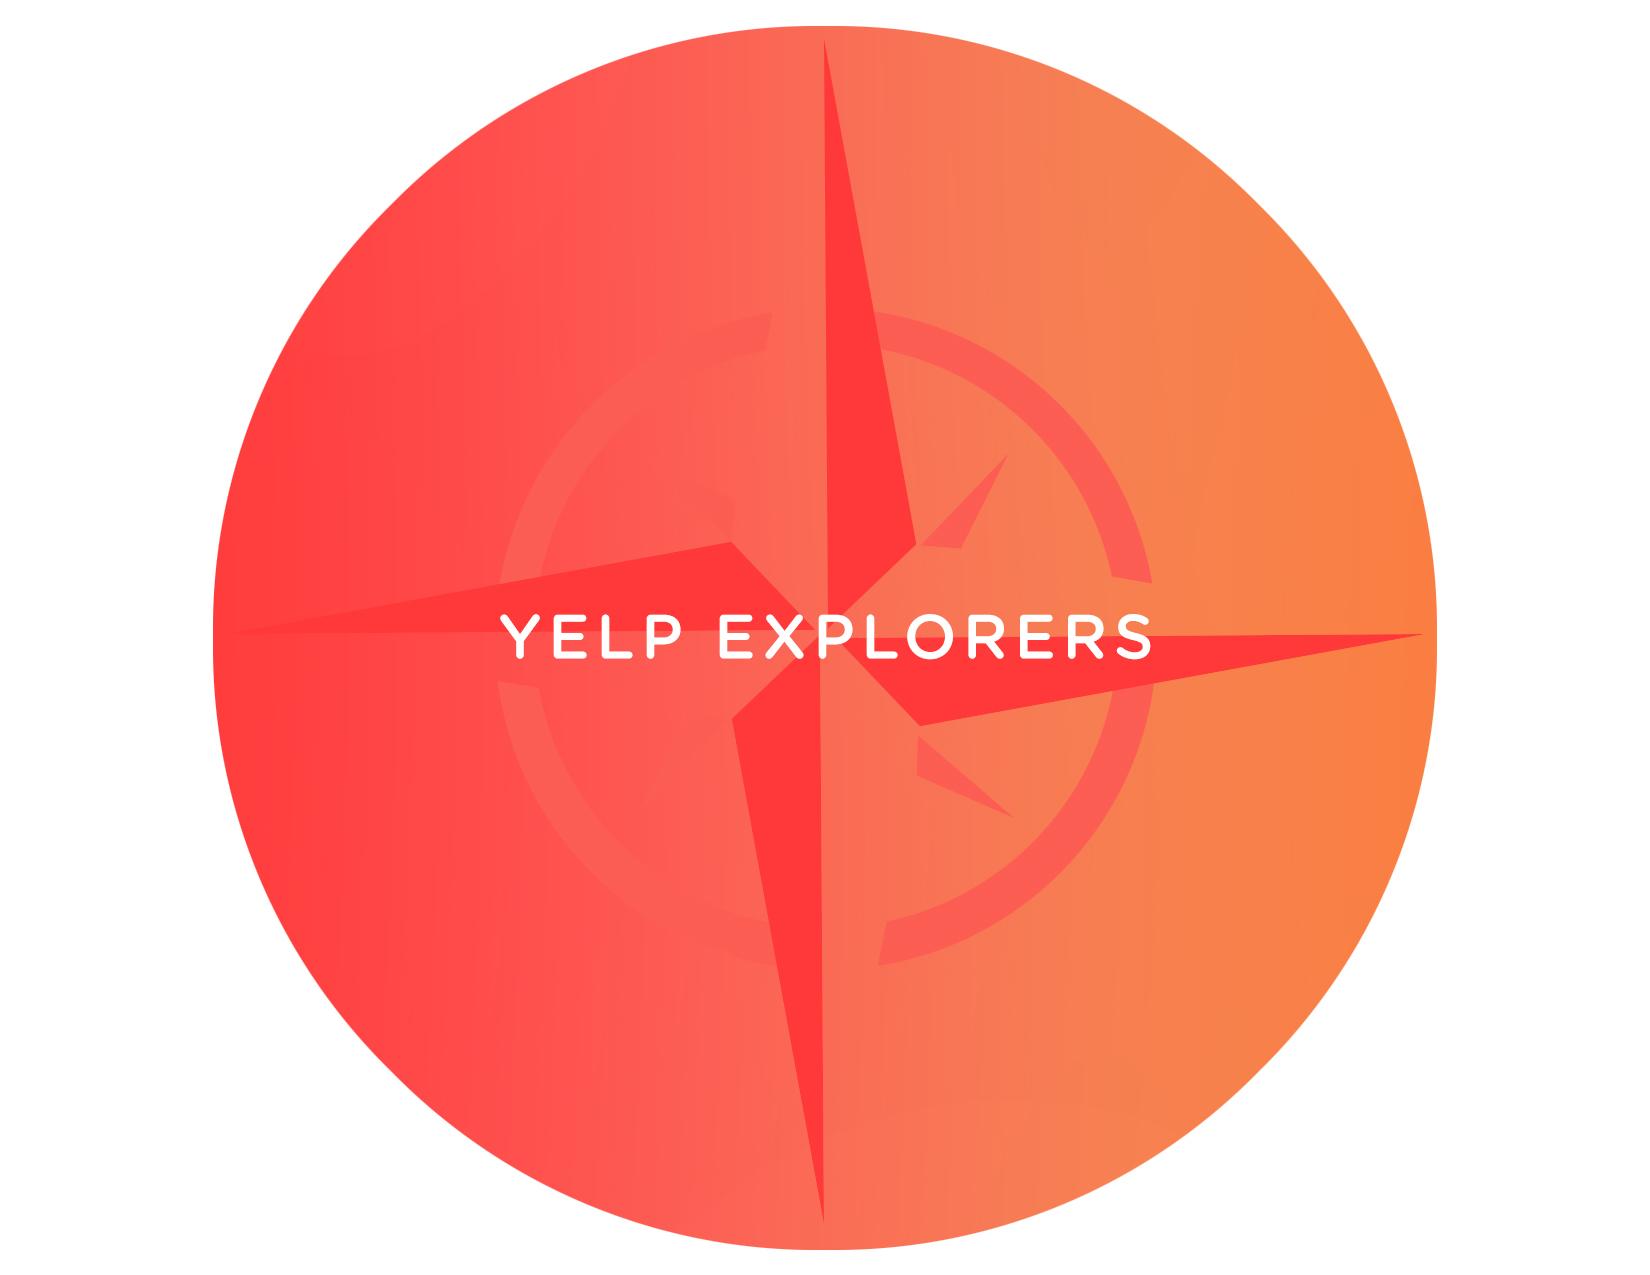 yelpexplorers.jpg